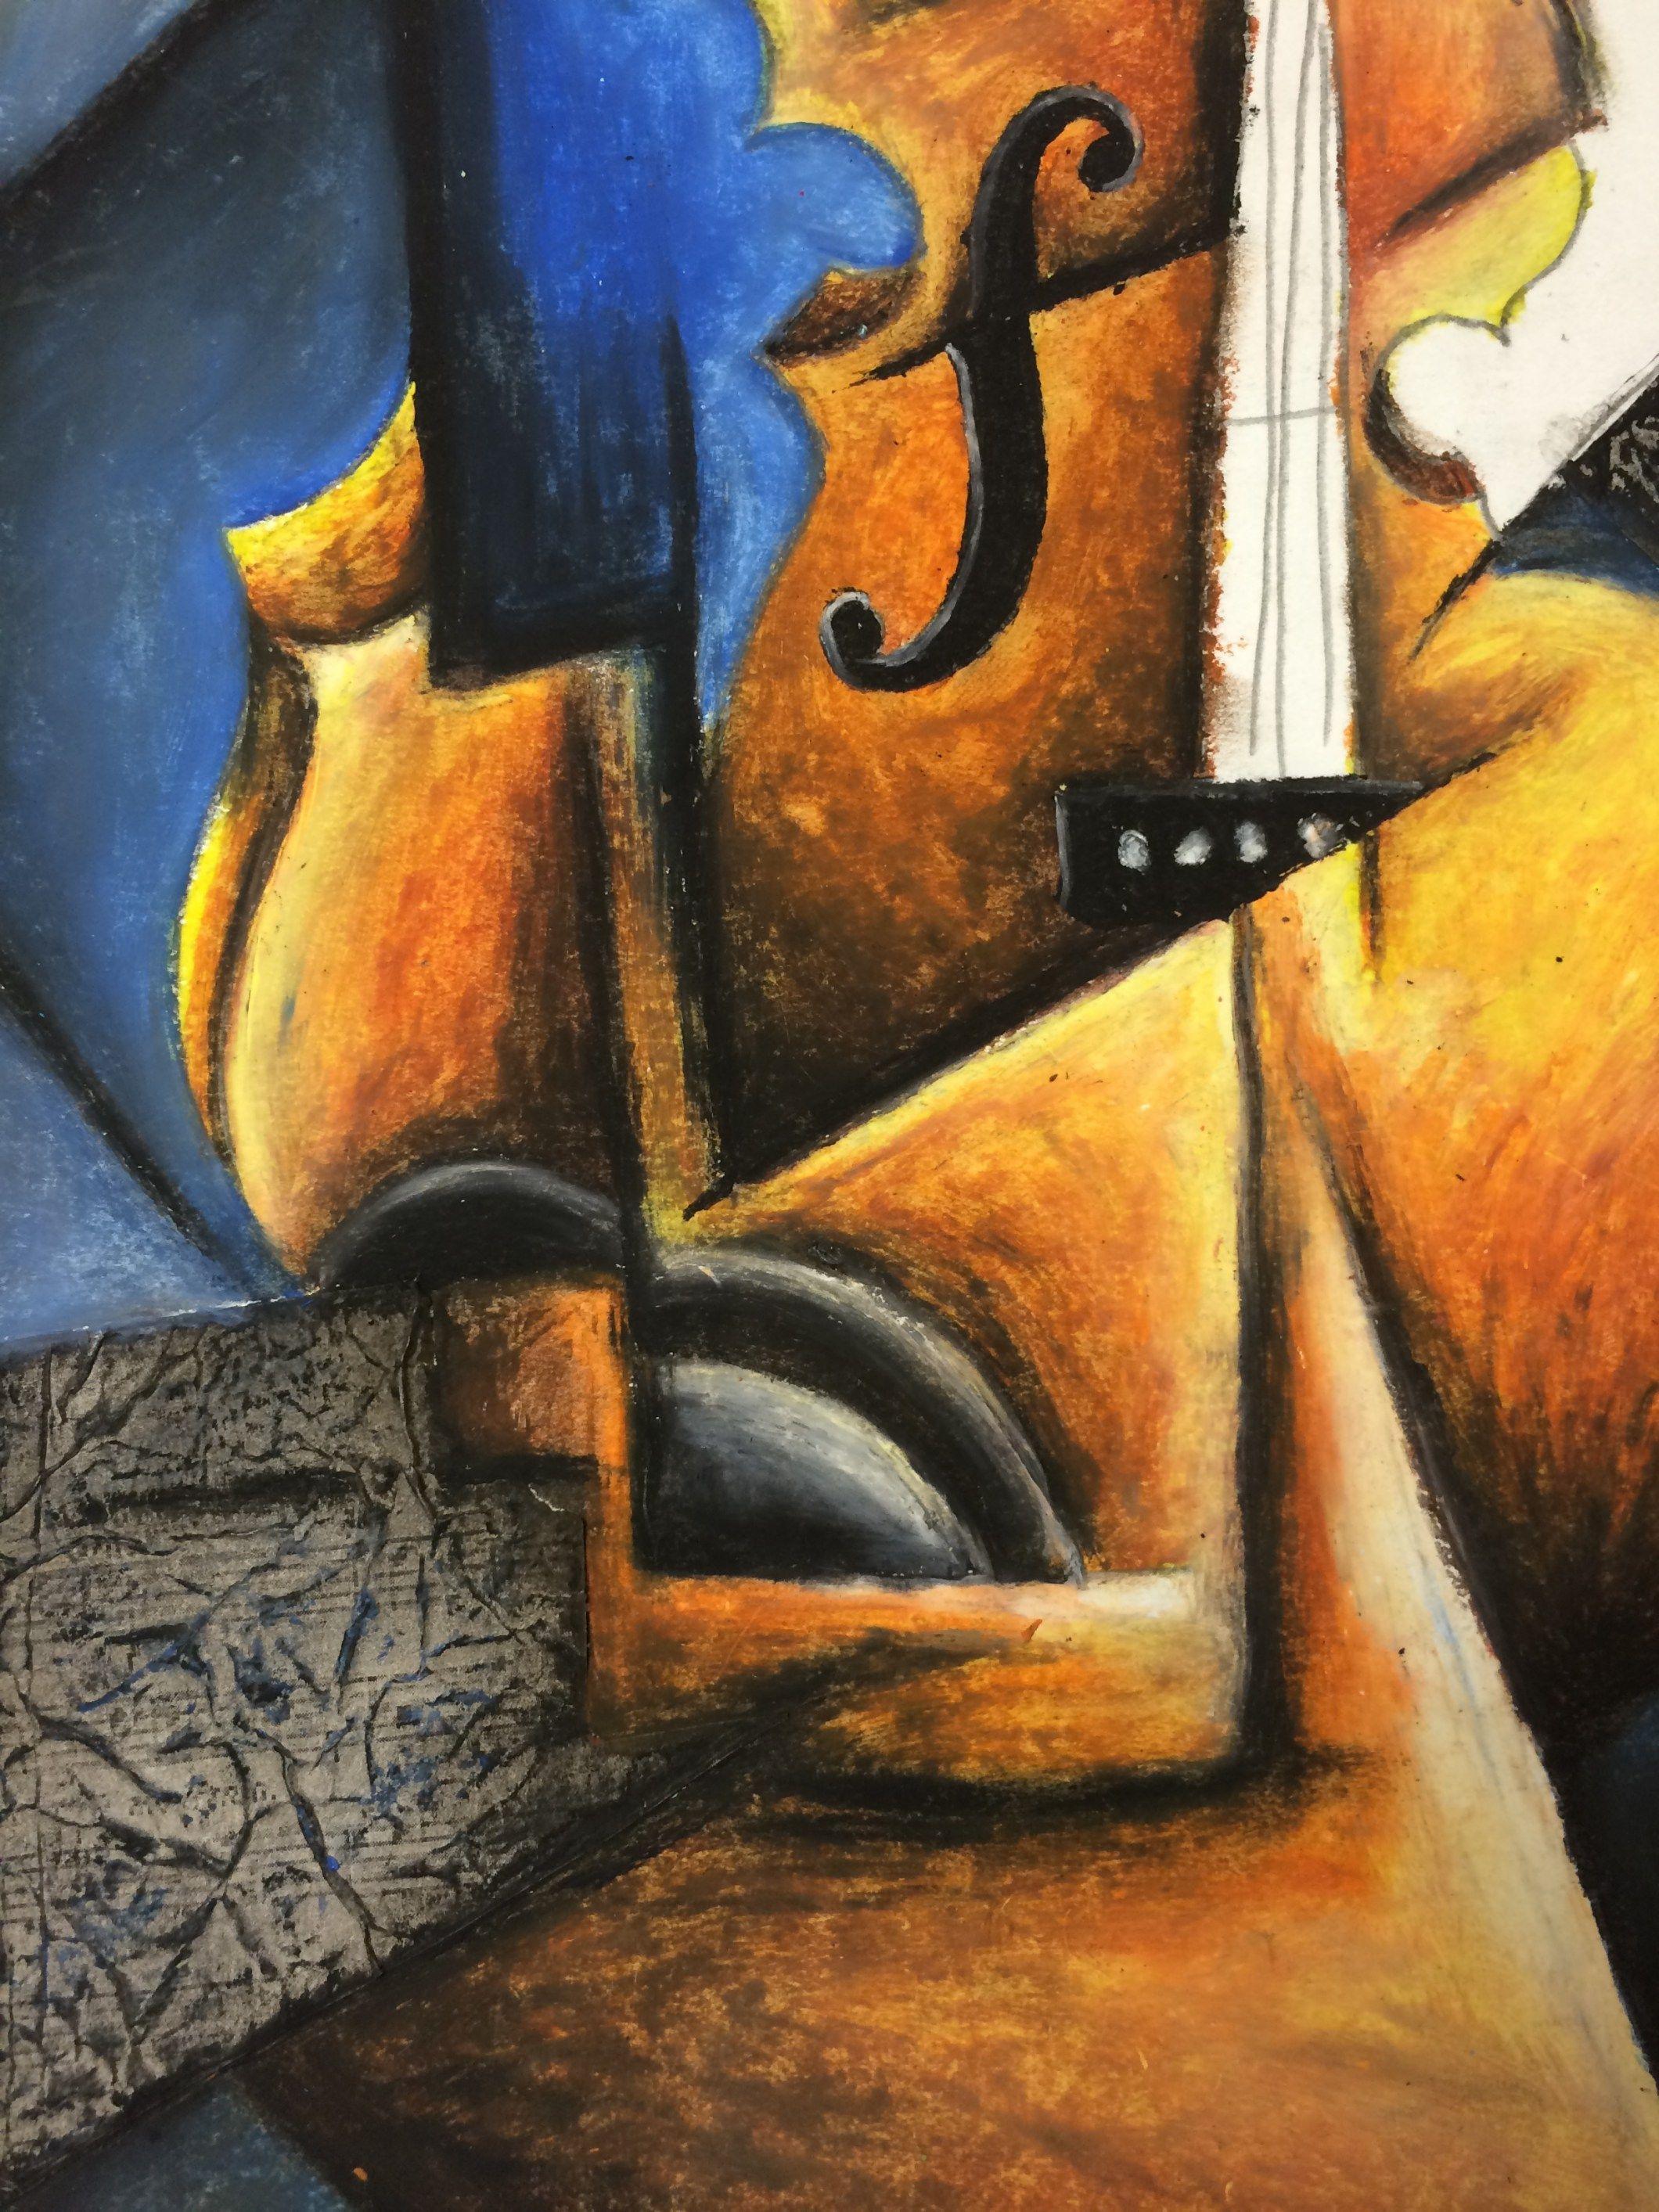 Cubism Music Instrument Lesson Plan